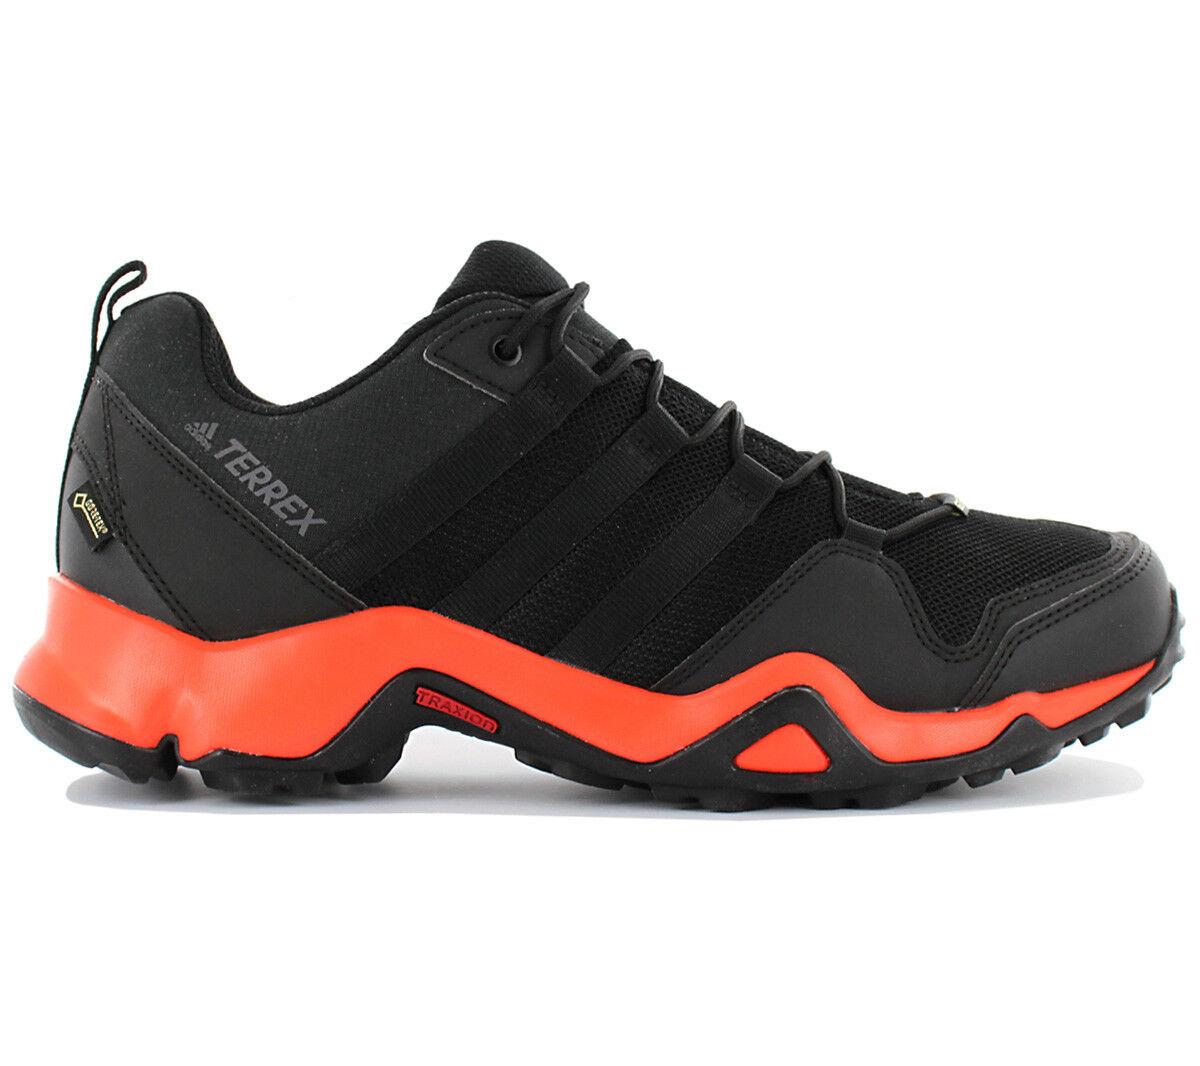 Adidas Terrex AX2R GTX Gore-Tex Men's Hiking shoes Trekking shoes CP9680 New